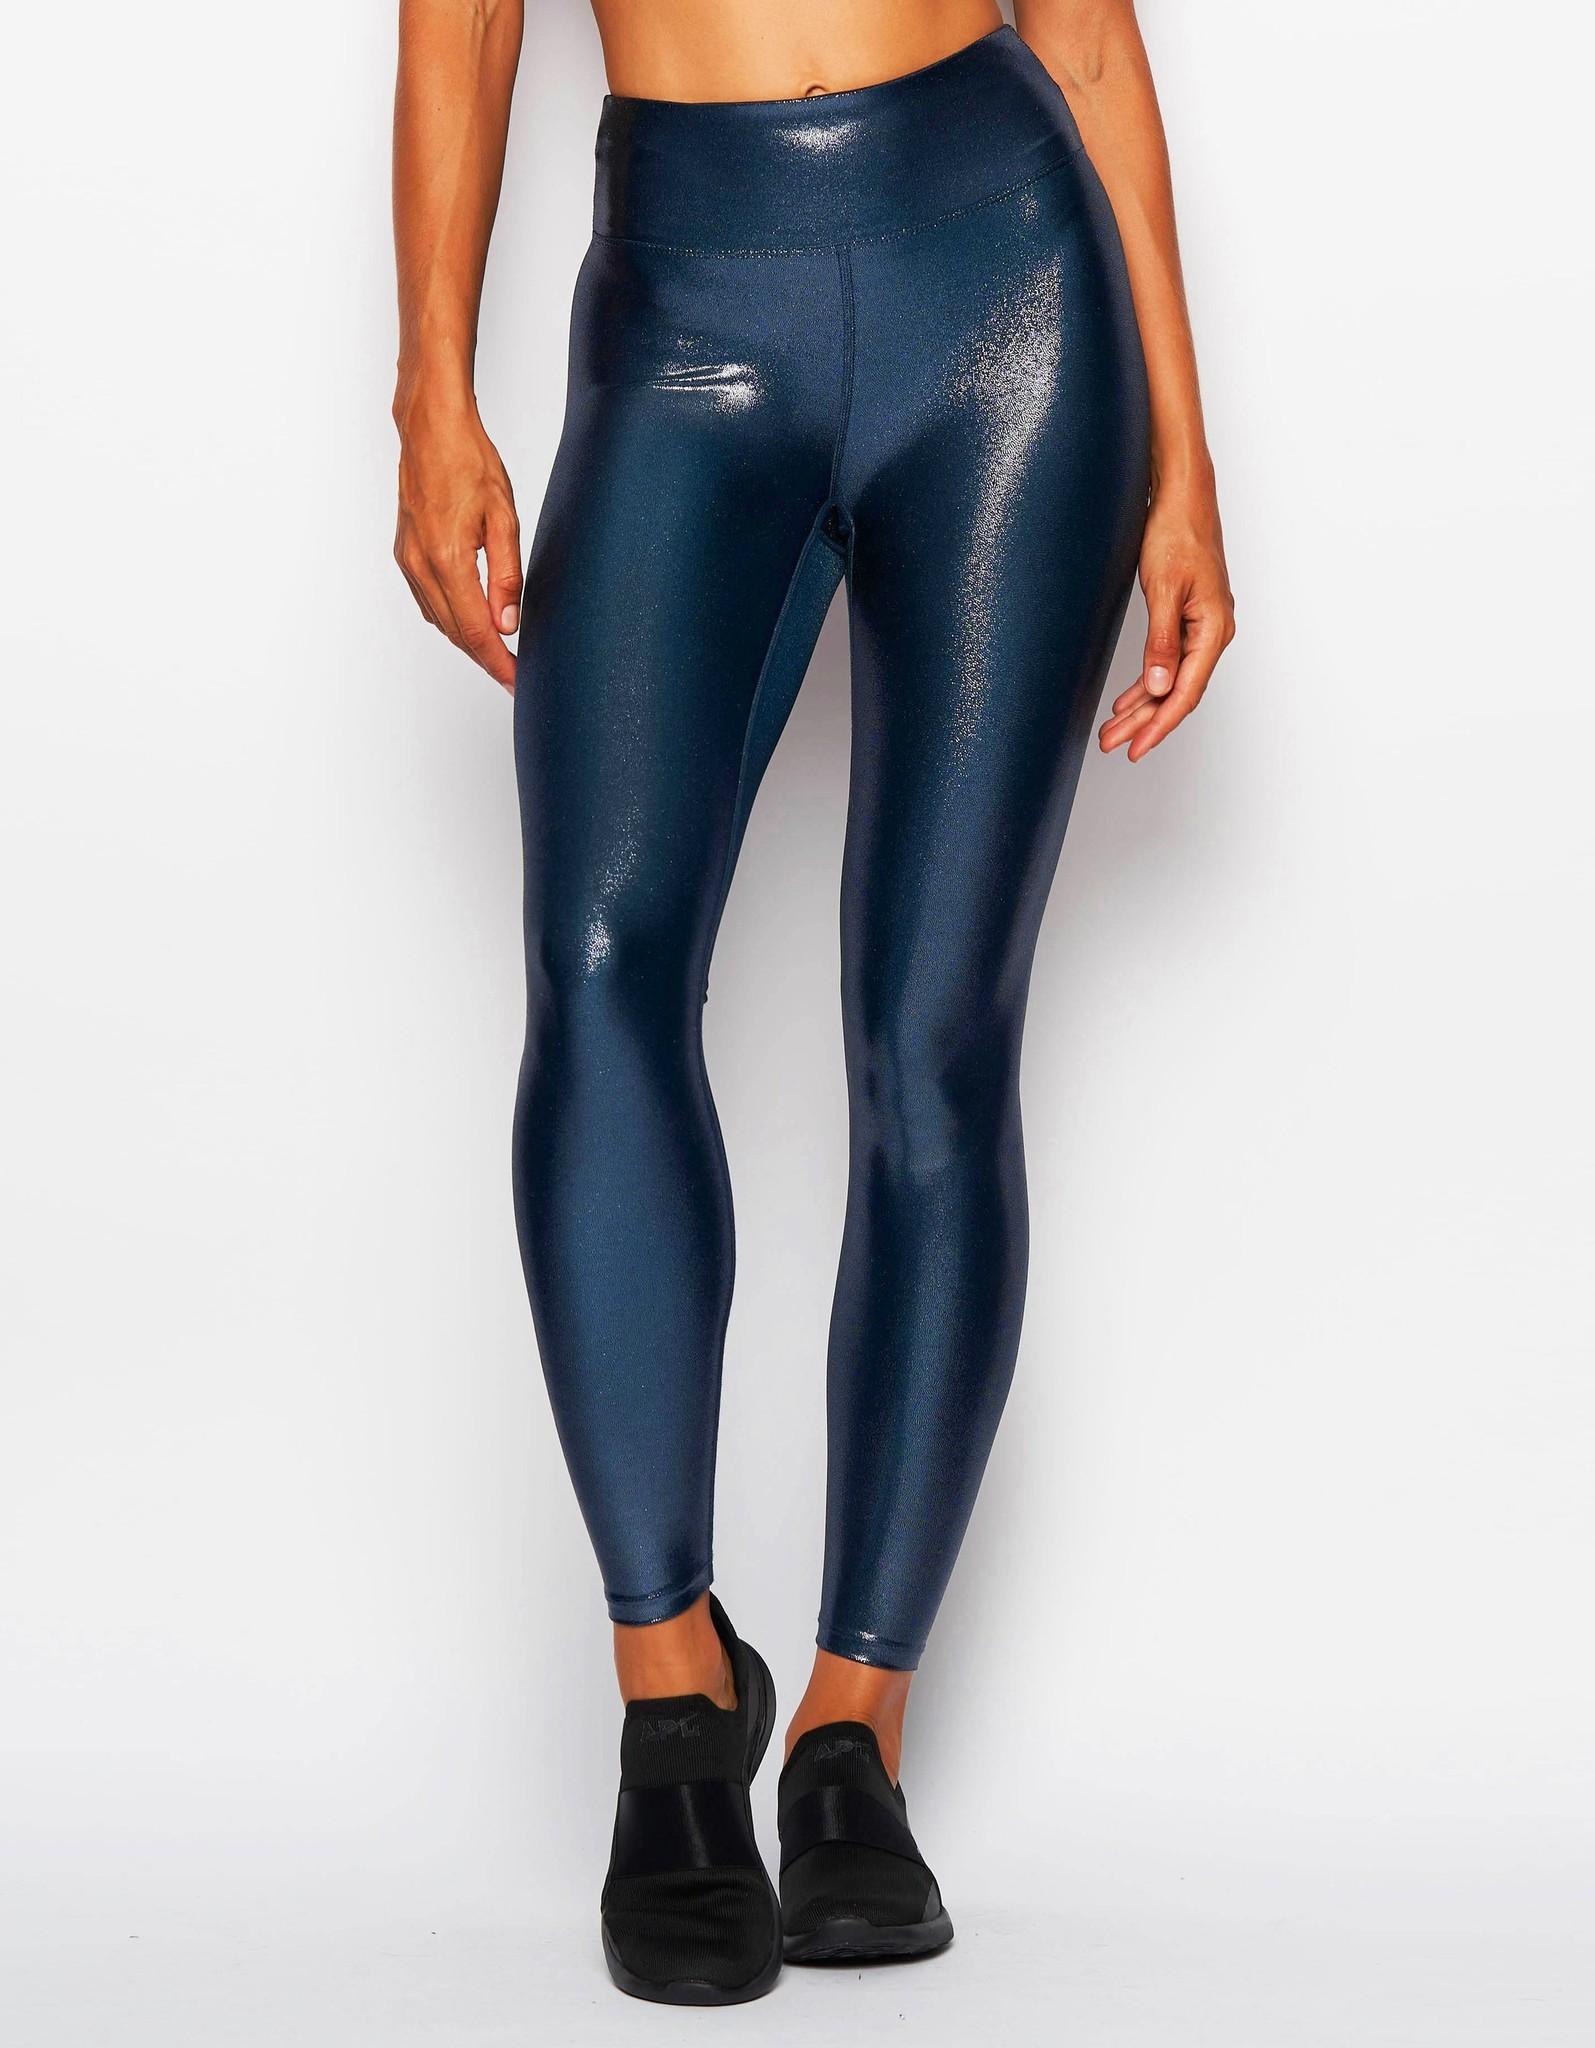 Heroine Sport Marvel Legging Cerulean Blue